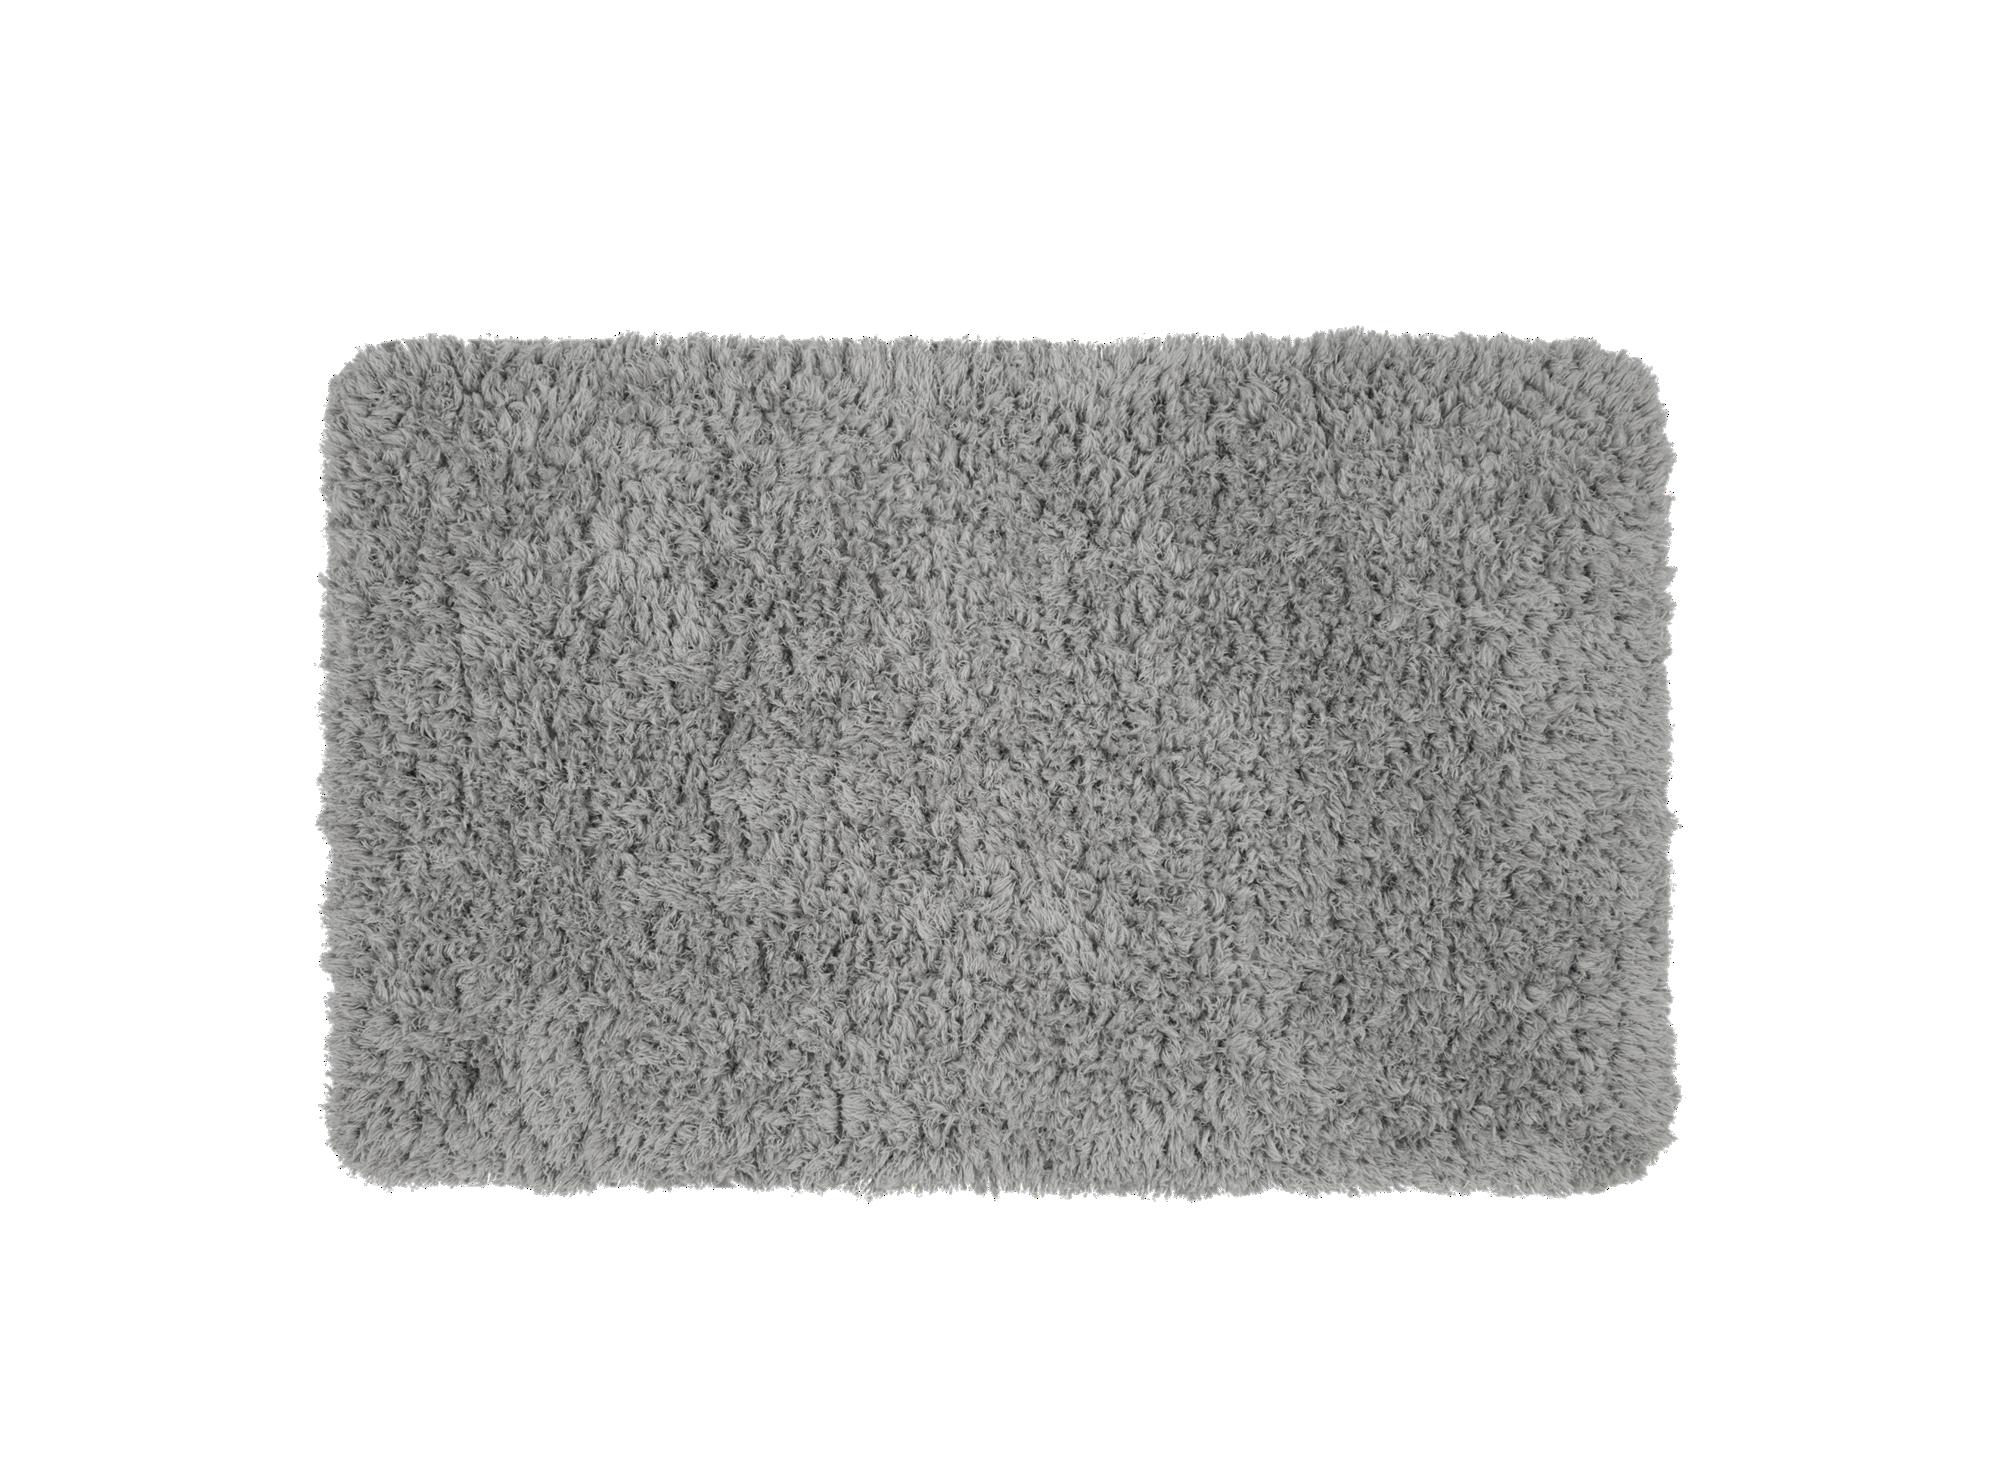 Tapis 50x80 100% polyester coloris gris densite 1100gr/m2  lavable ma ...